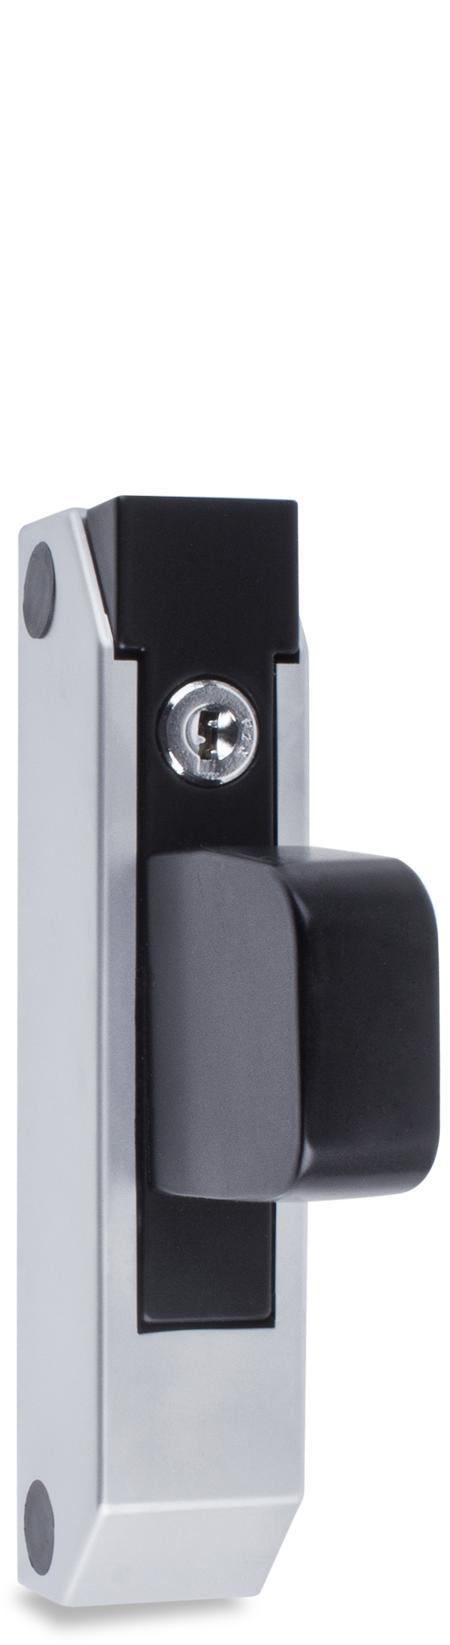 Schubladenverschluß mit Zylinder Griff verkürzt, Halterung 49 mm hoch verschiedenschließend